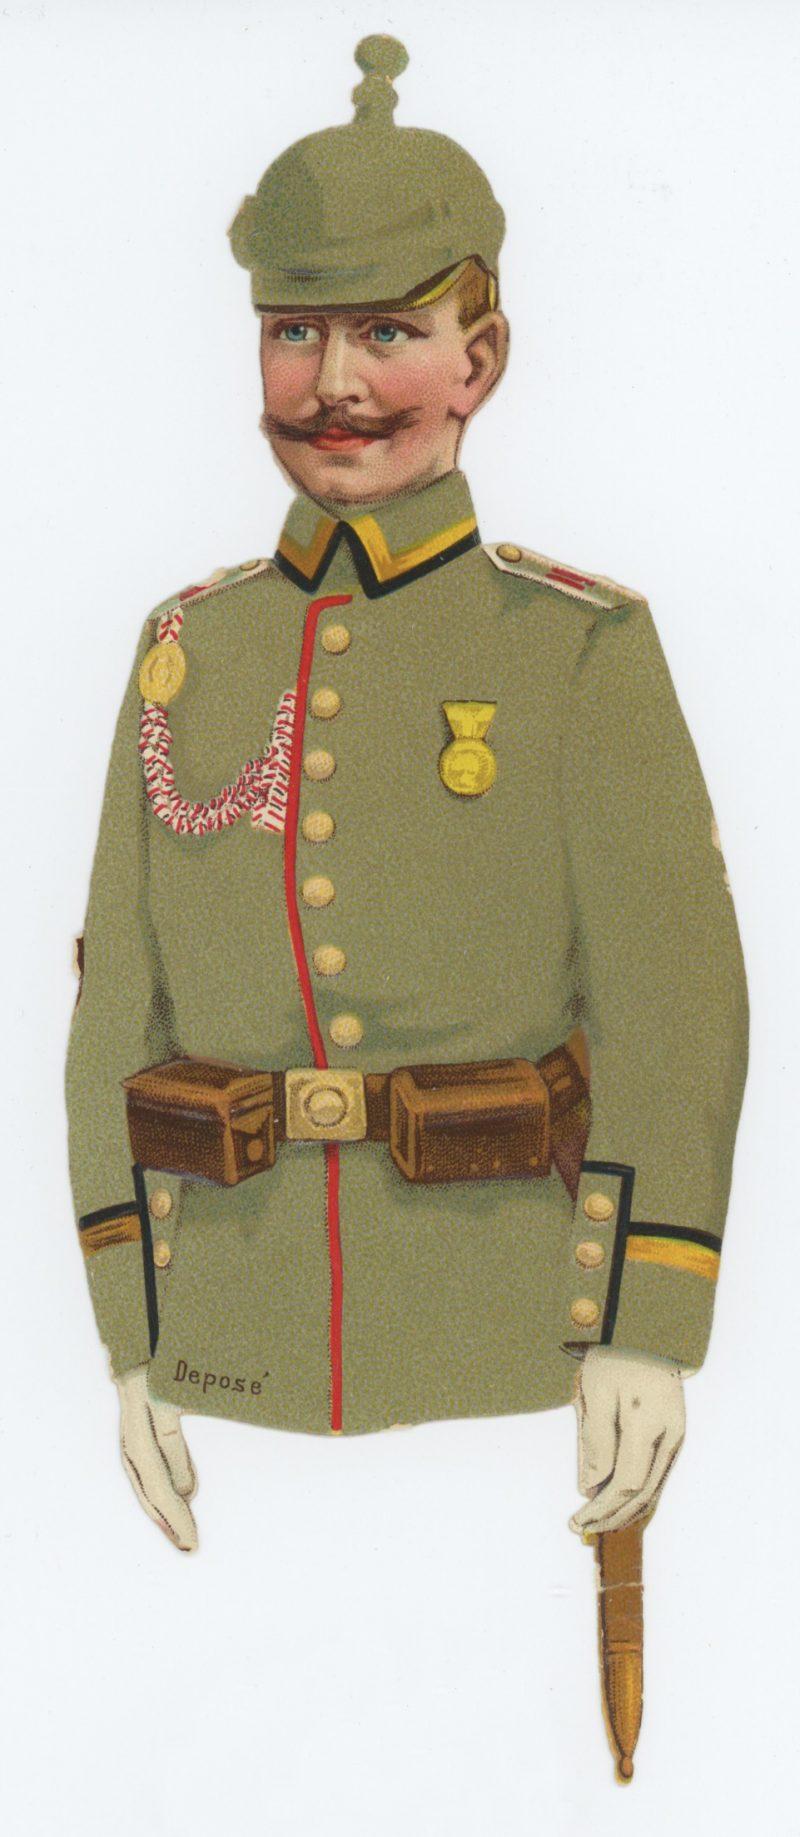 4 chromos imagerie - Armée Prussienne - Découpi - Oblaten - Uniforme - XIX - Guerre 14/18 - Imagerie - Populaire